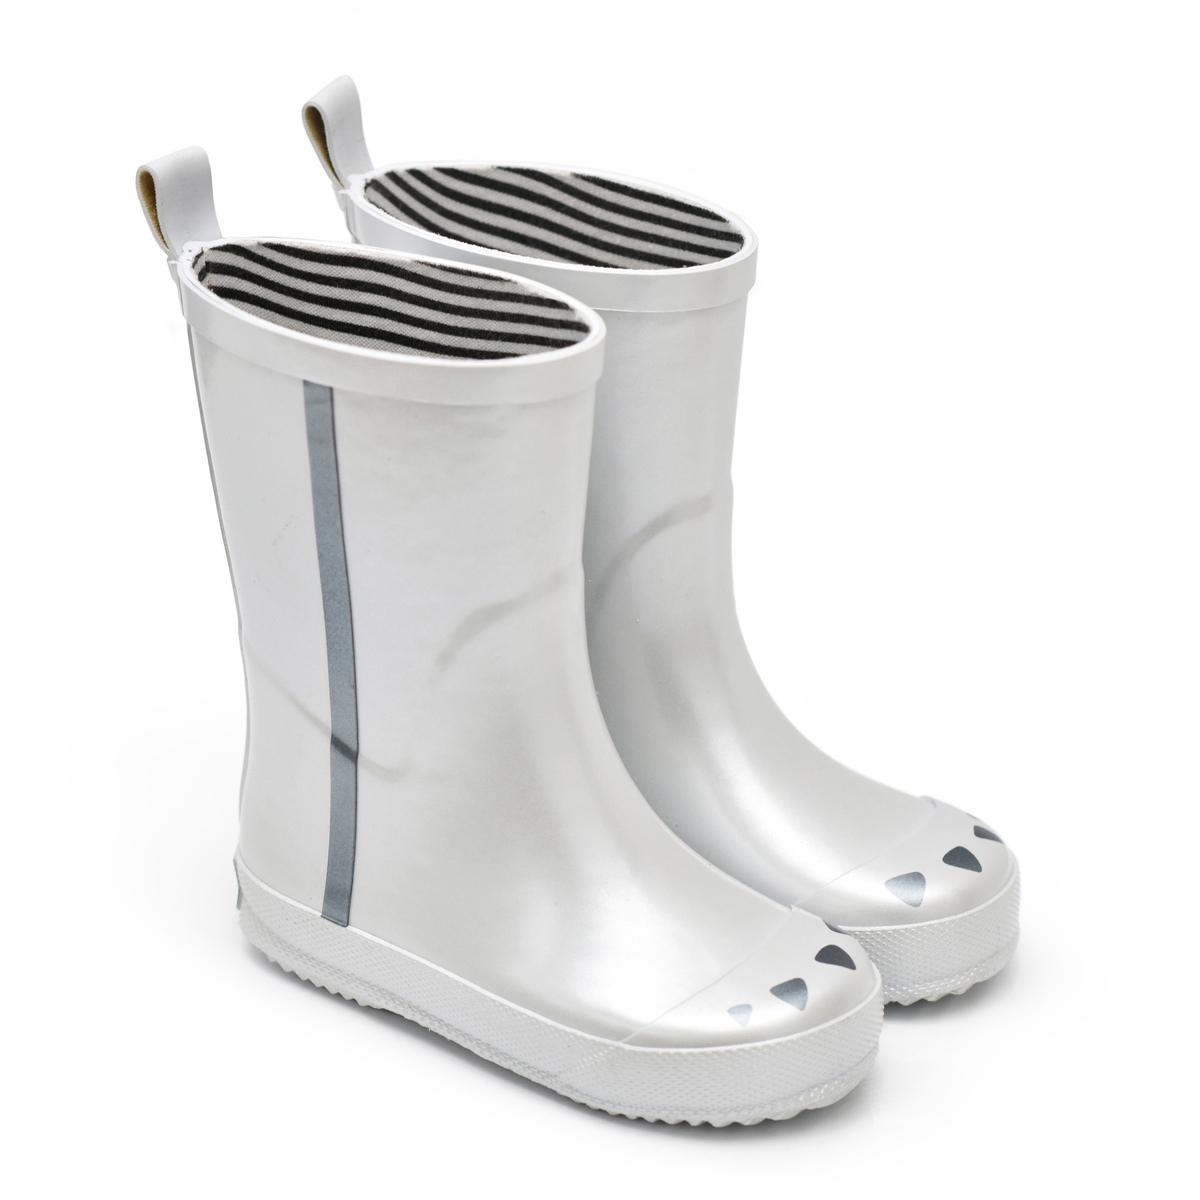 Chaussons & Chaussures Bottes Kerran Argent - 21 Bottes Kerran Argent - 21